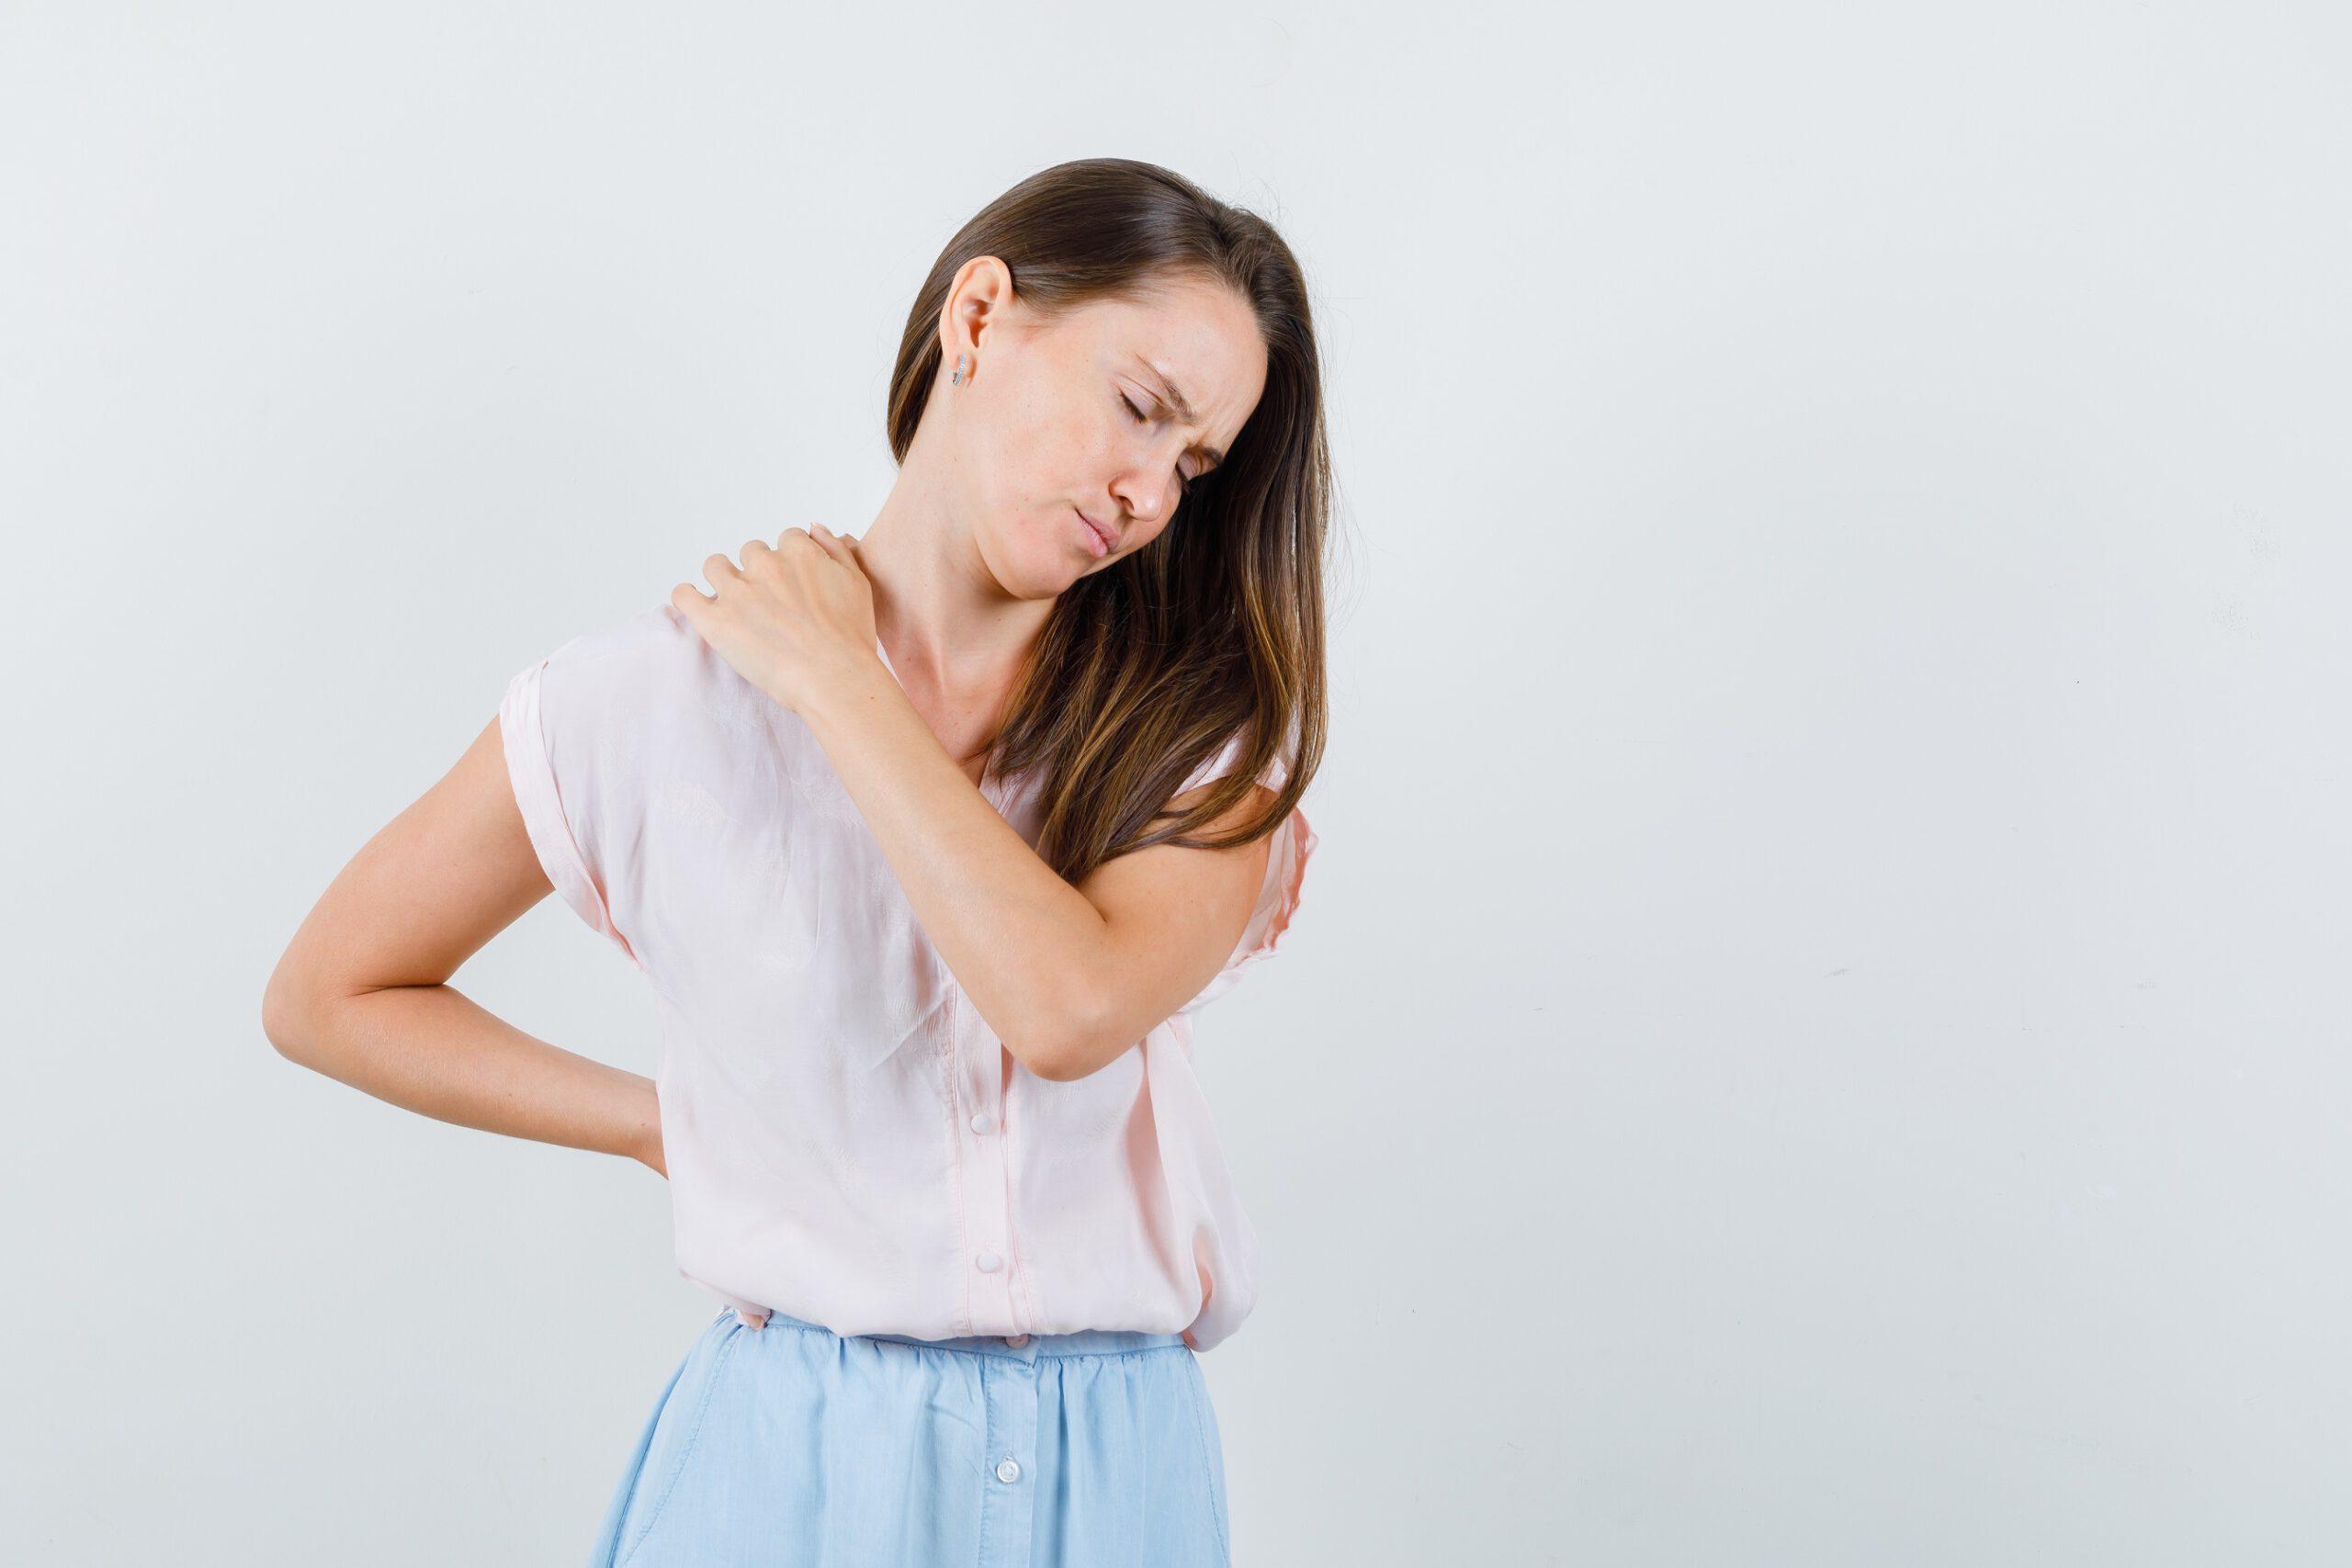 O czym może świadczyć ból z tyłu pleców na wysokości płuc?